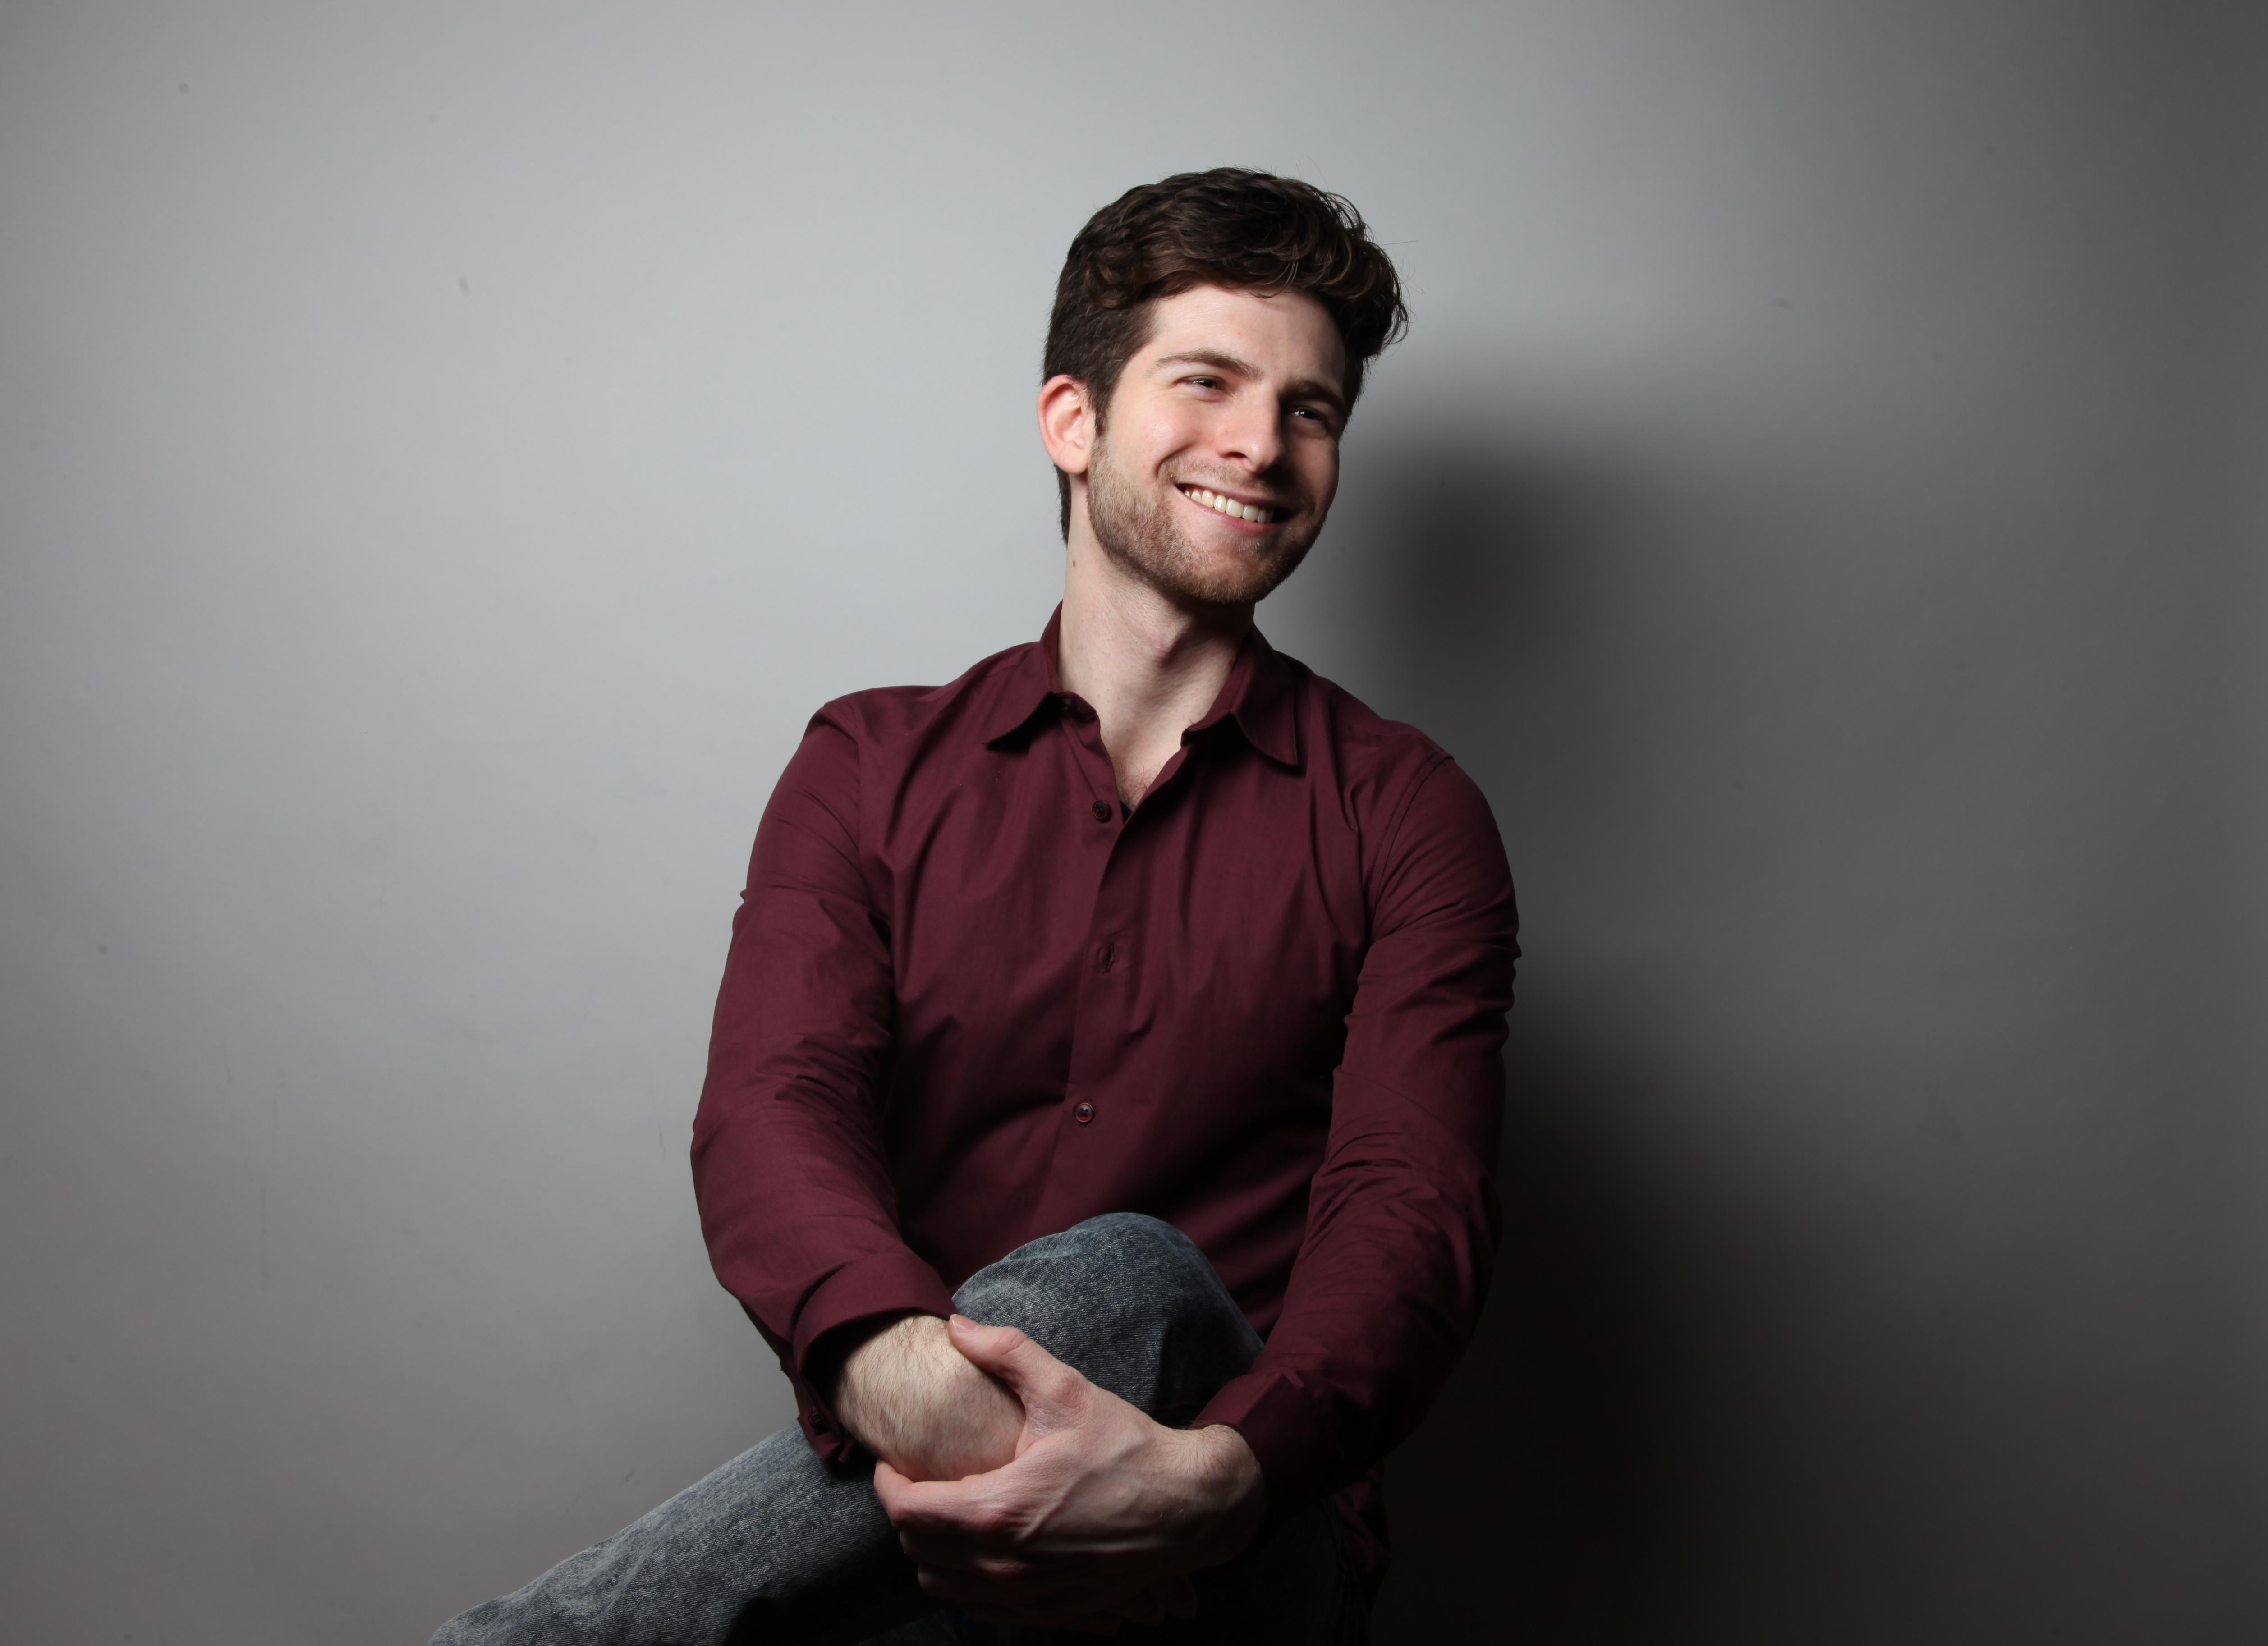 Daniel K